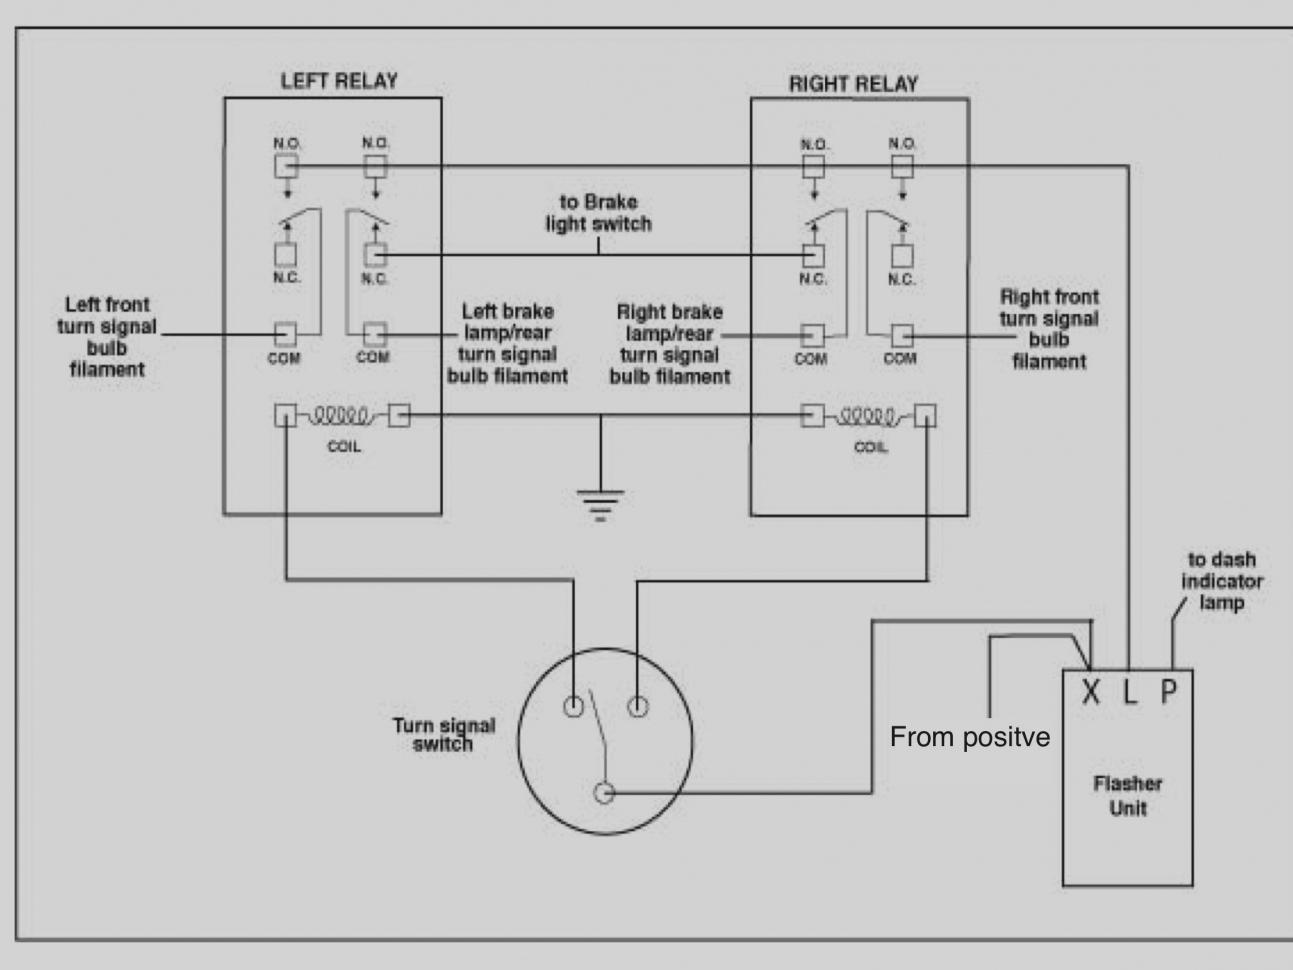 Wiring Diagram For Polaris Ranger 800 Xp   Wiring Diagram